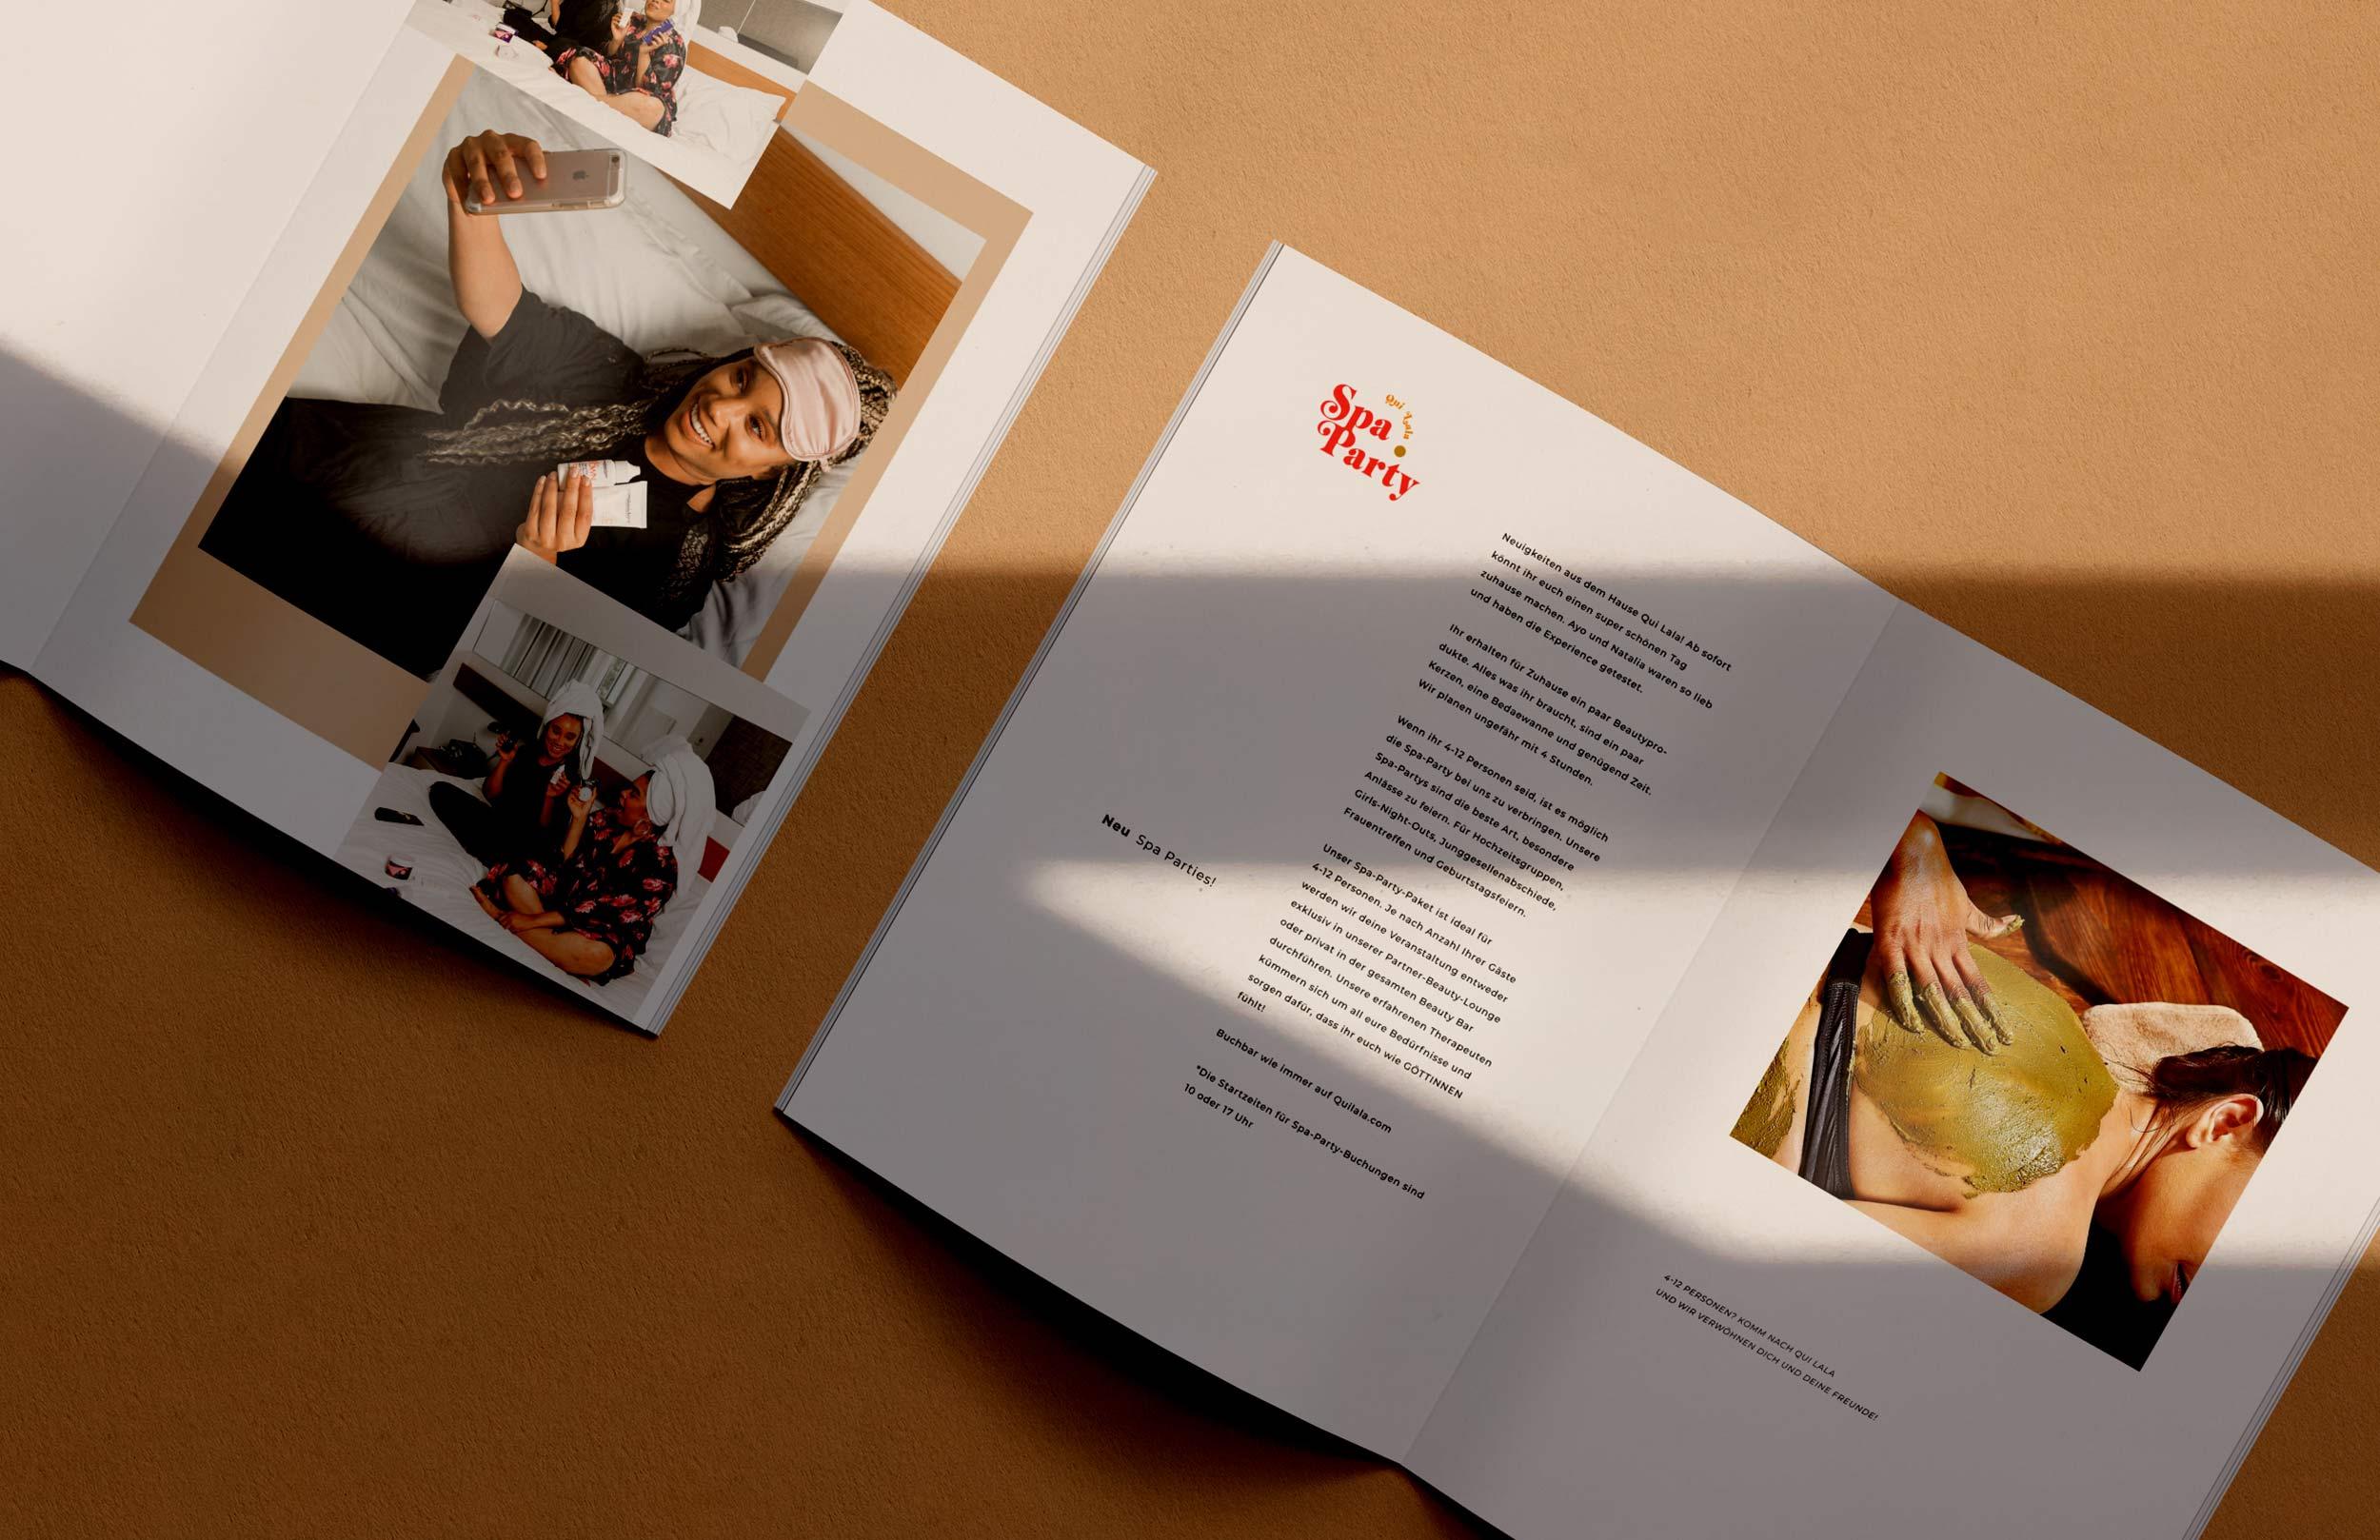 Qui Lala im Magazin: Hol dir deine liebsten Schönheitsbehandlungen nach Hause mit der Spa Party für dich und deine Freunde